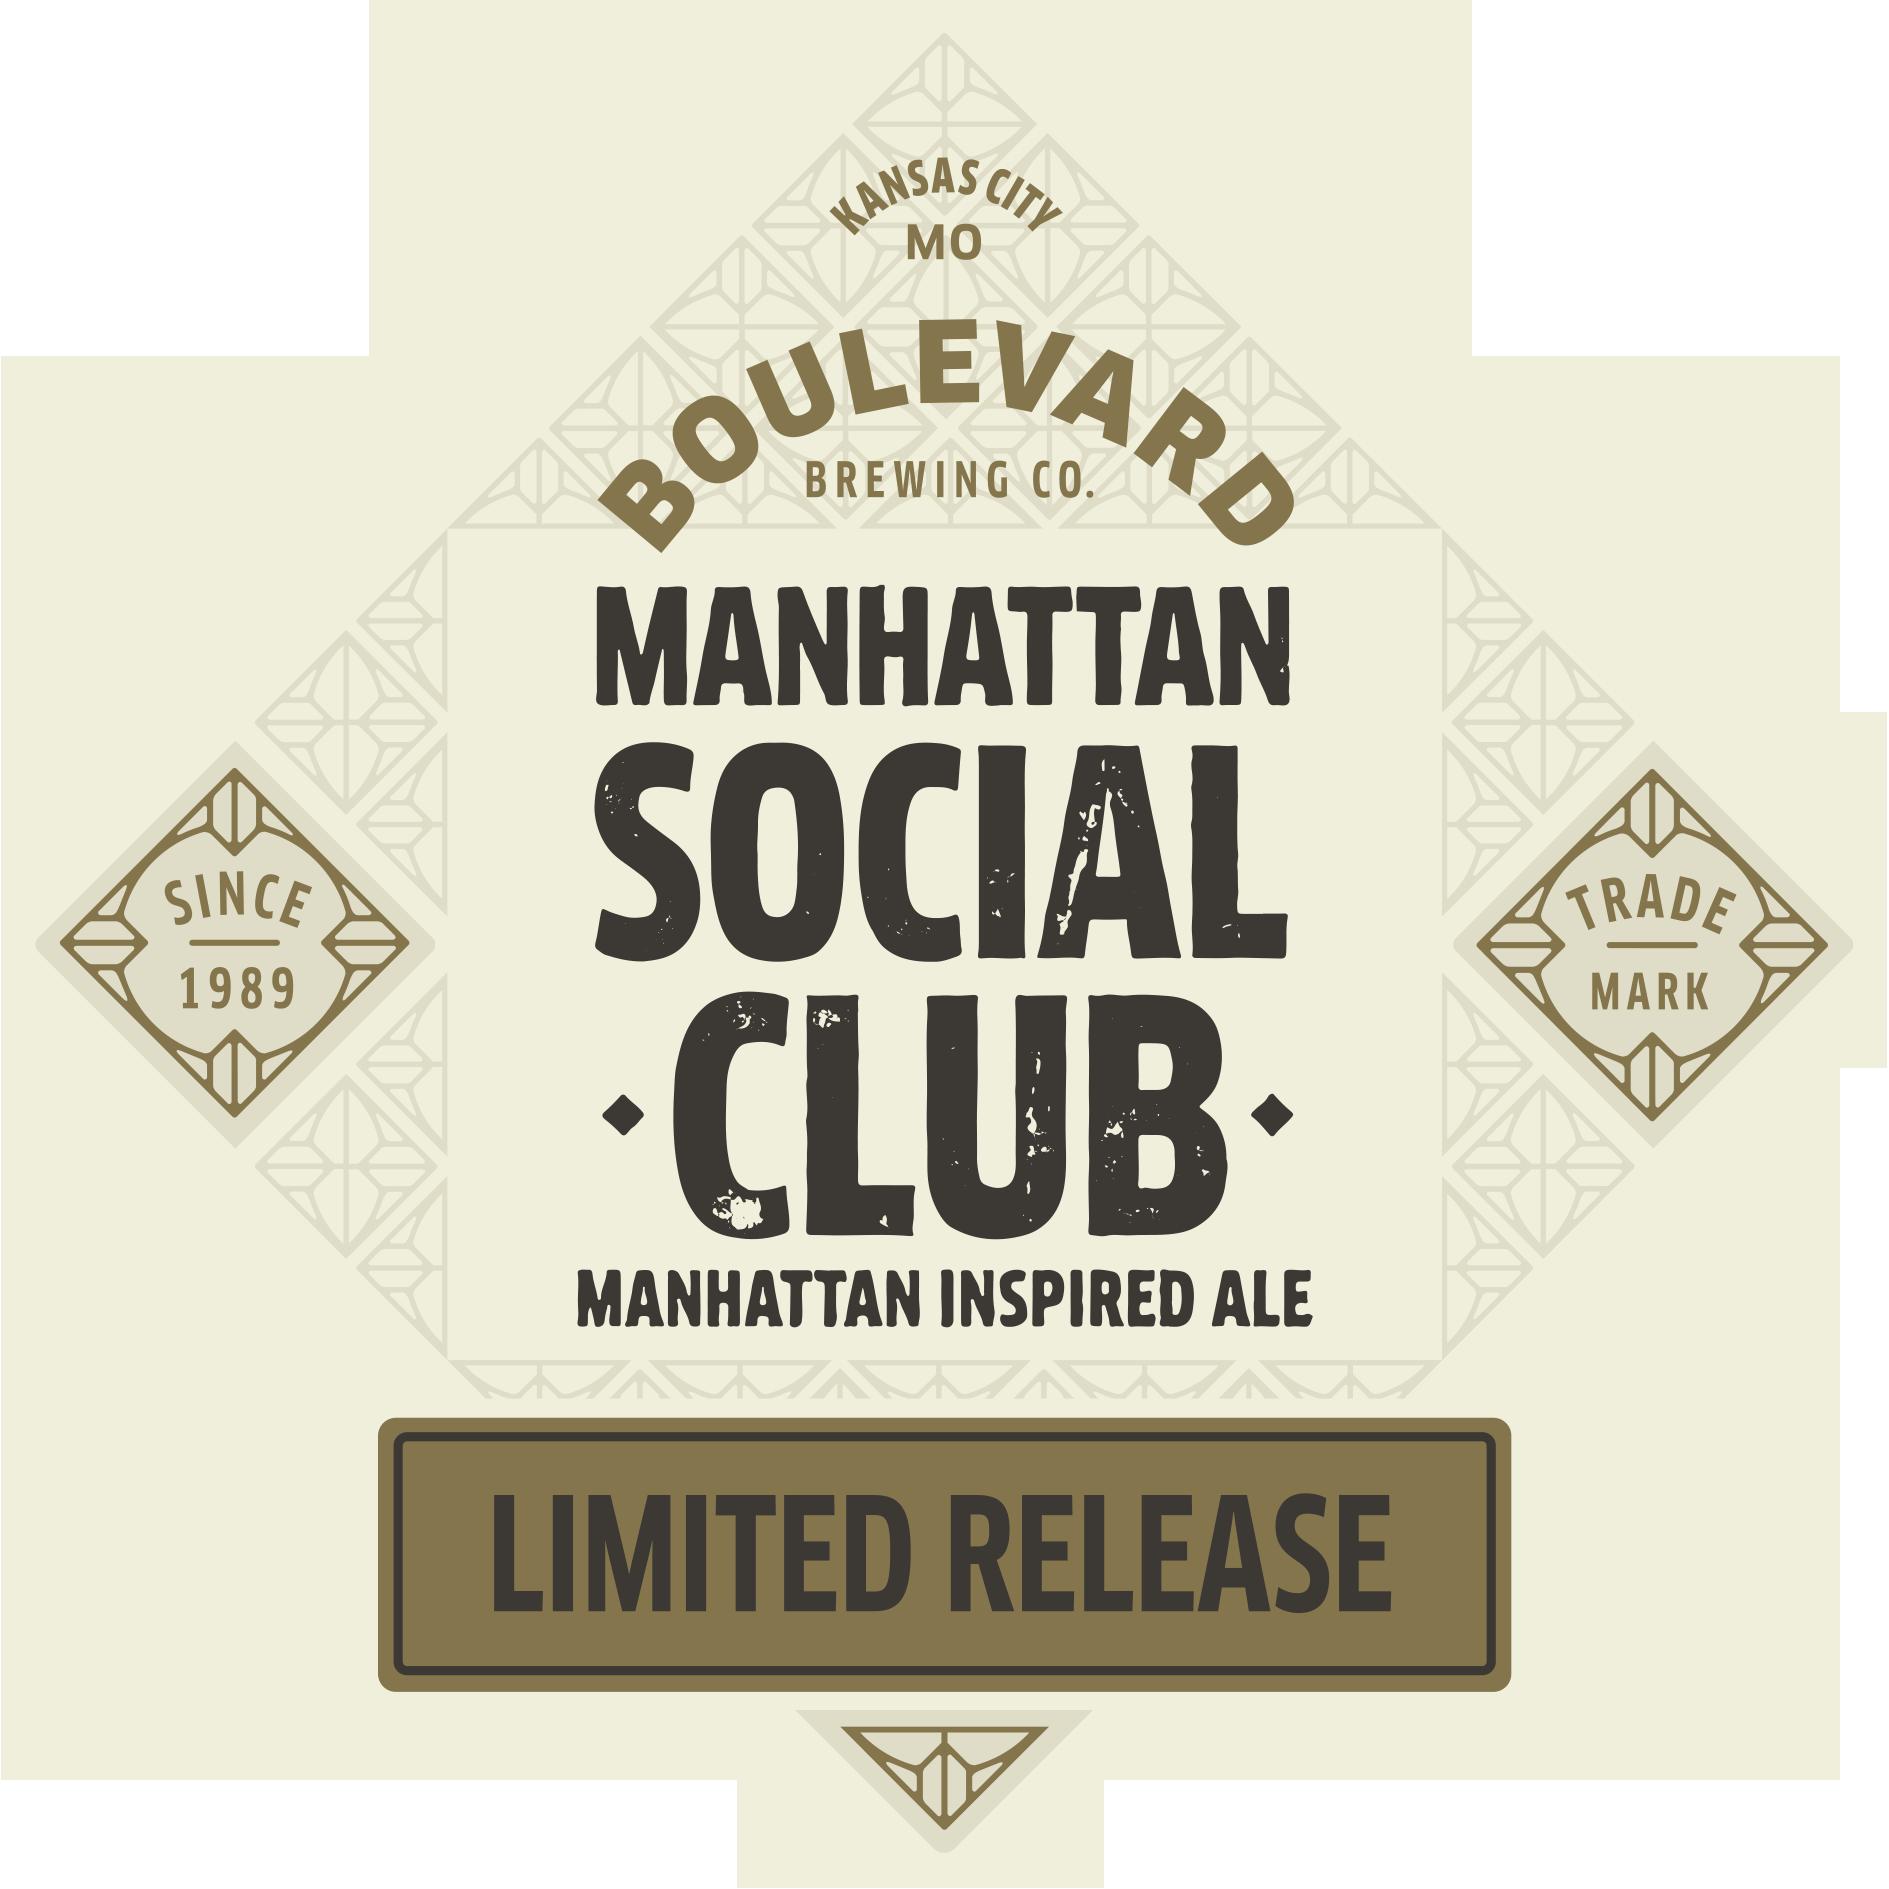 Manhattan Social Club